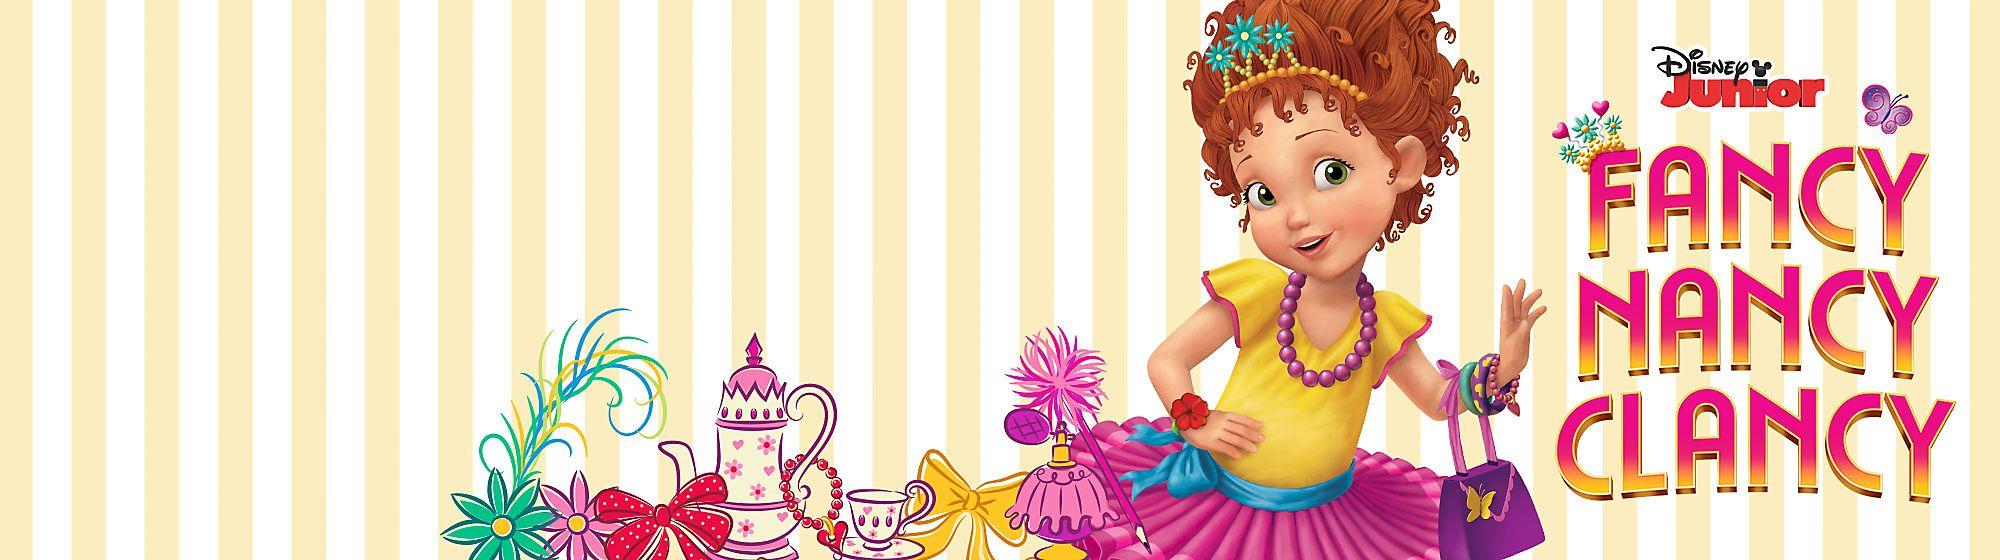 Fancy Nancy Clancy Ouh la la ! Rejoignez les aventures de Fancy Nancy avec notre fantastique collection de jouets, costumes, vêtements et plus.